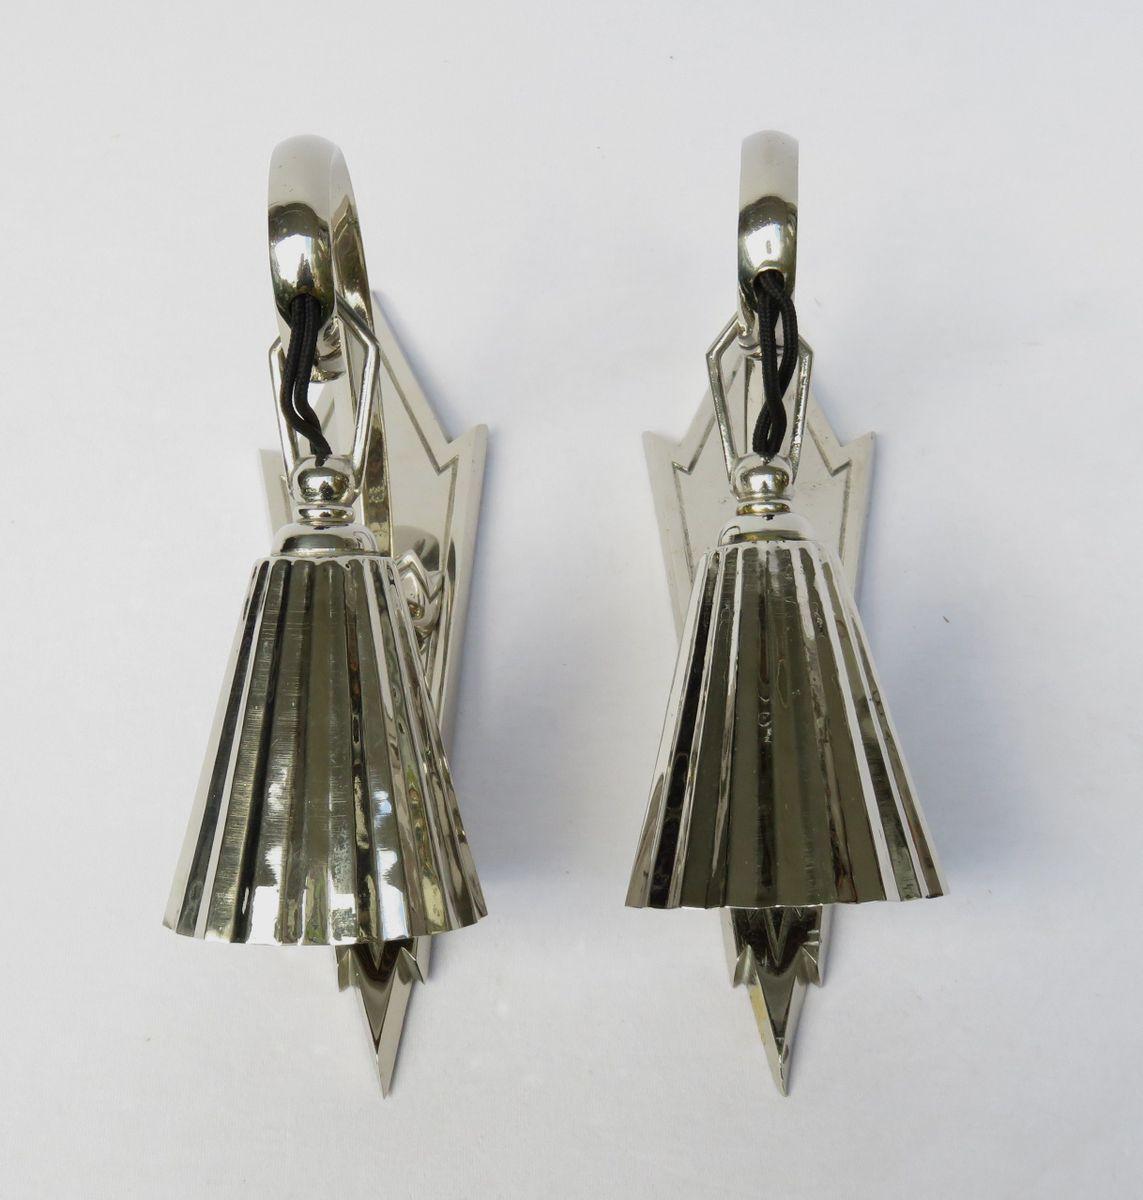 Antike Verchromte Wiener Jugendstil Wandlampen, 2er Set